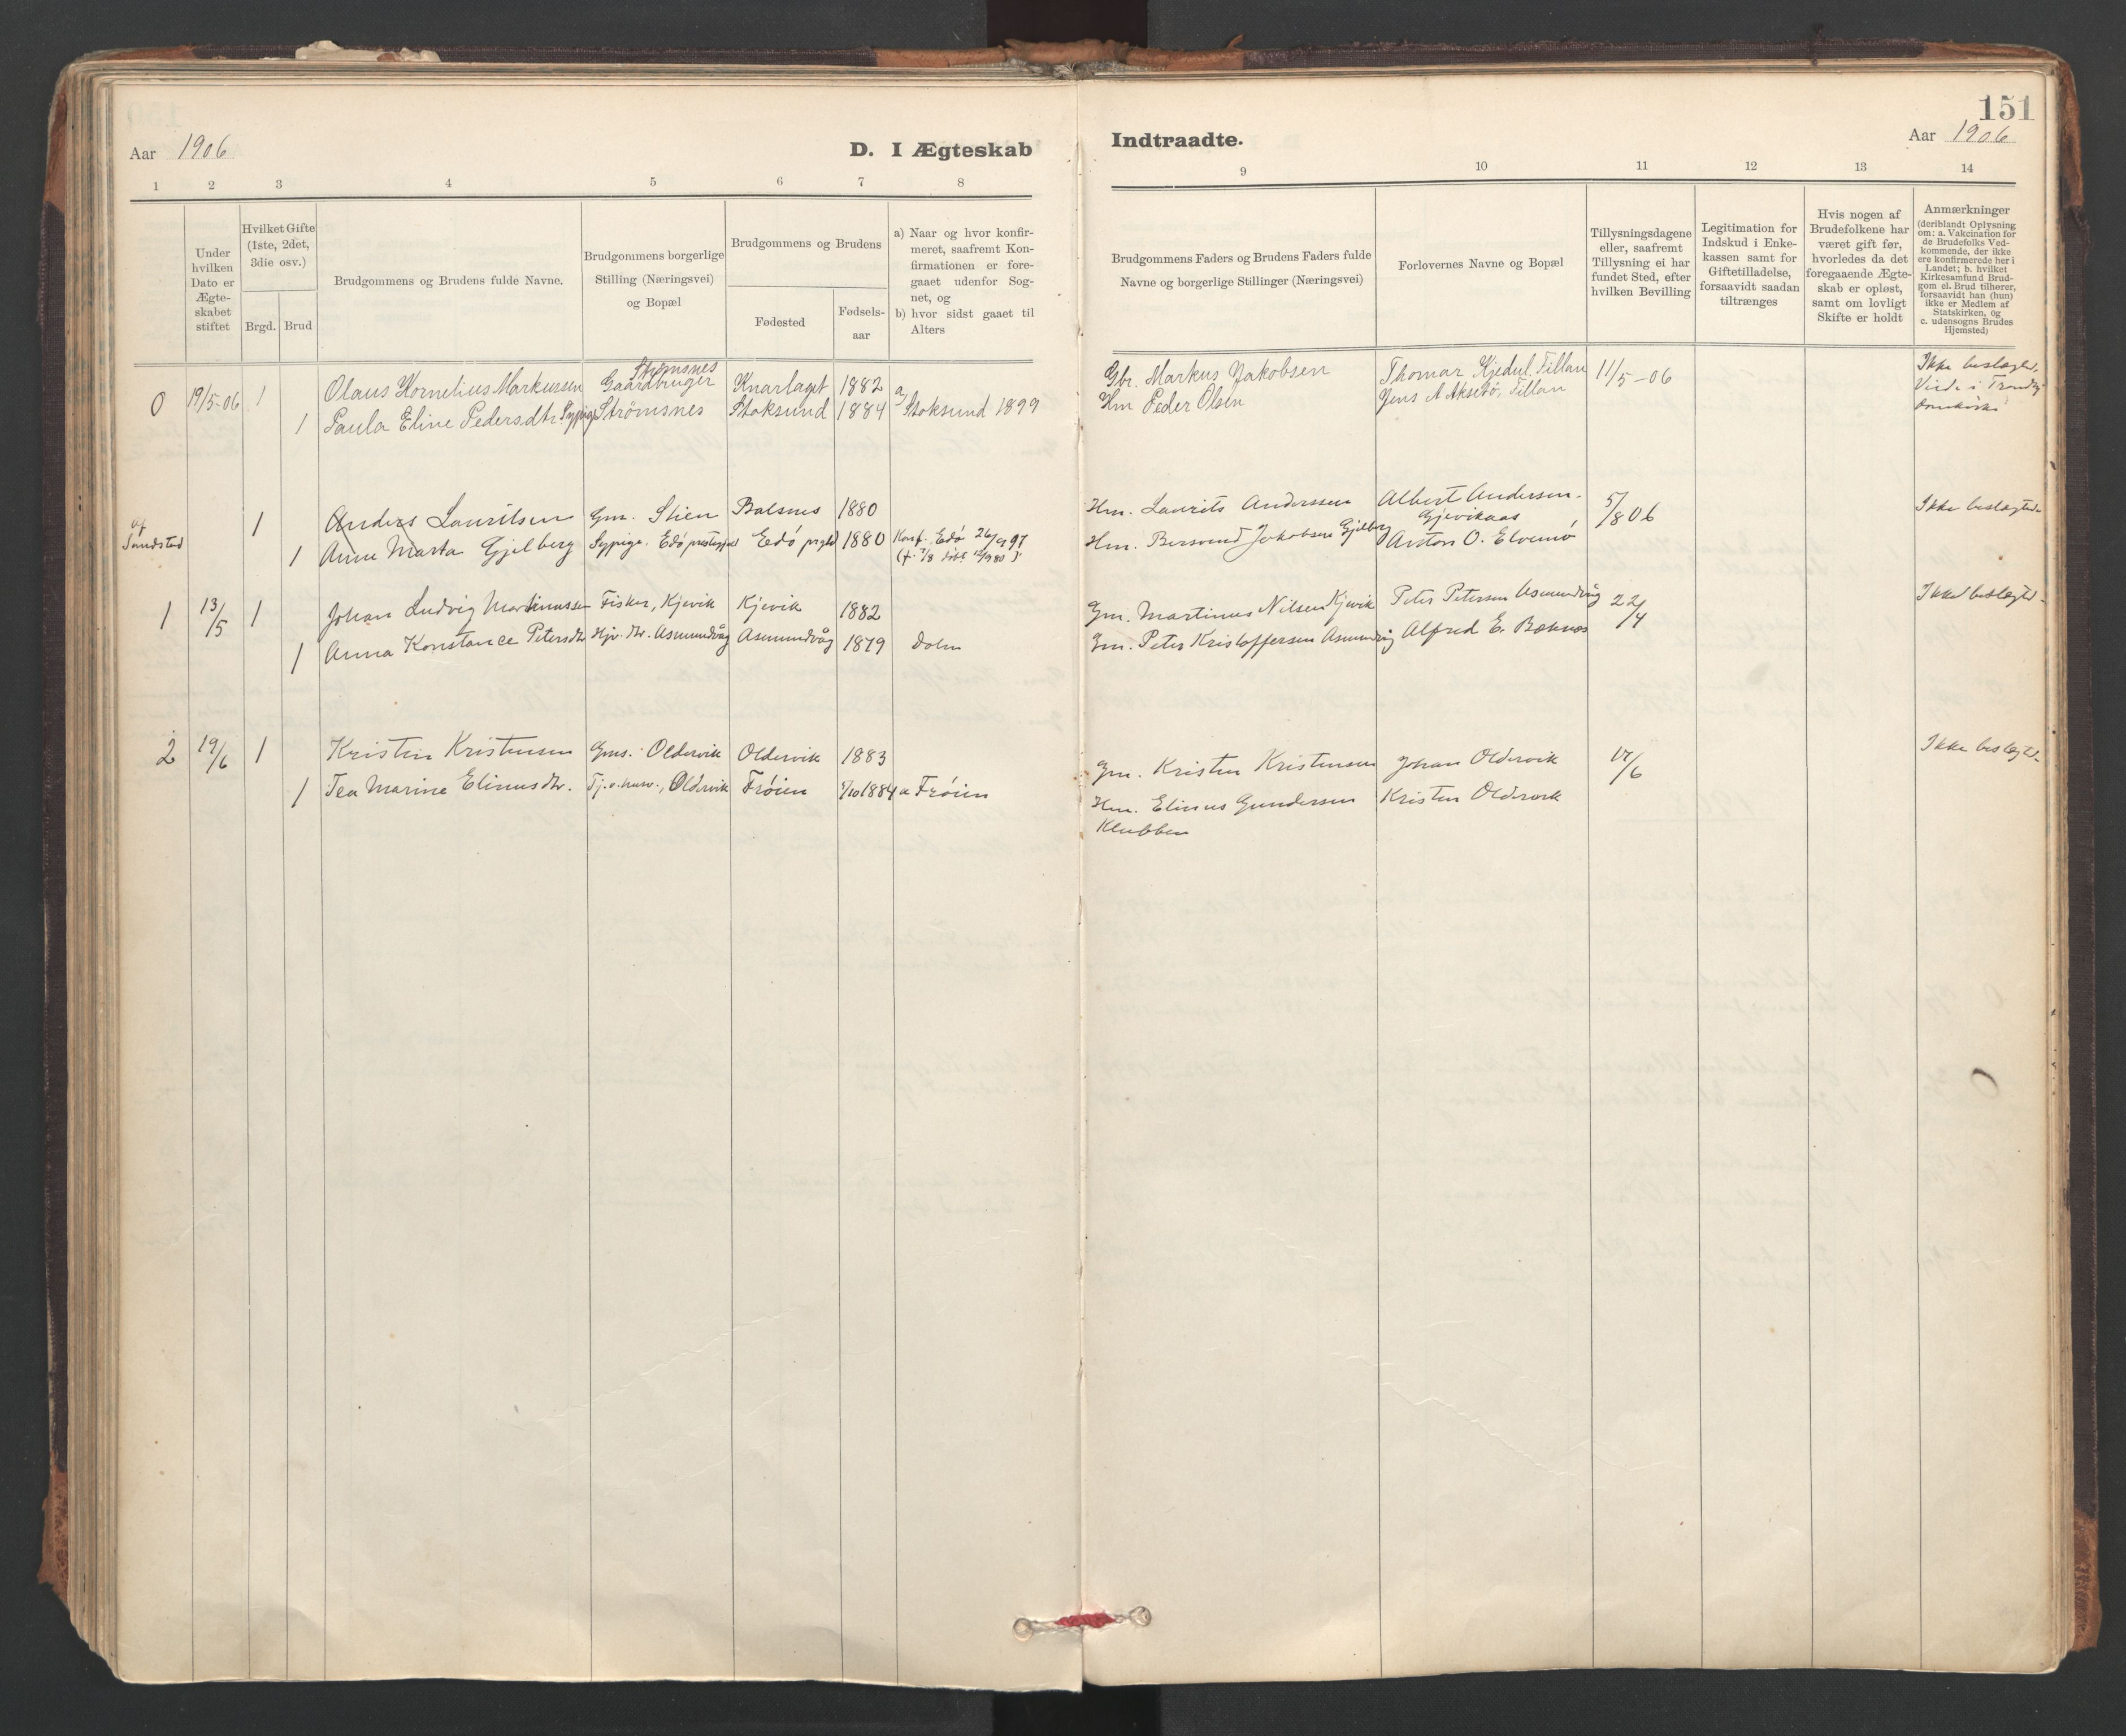 SAT, Ministerialprotokoller, klokkerbøker og fødselsregistre - Sør-Trøndelag, 637/L0559: Ministerialbok nr. 637A02, 1899-1923, s. 151